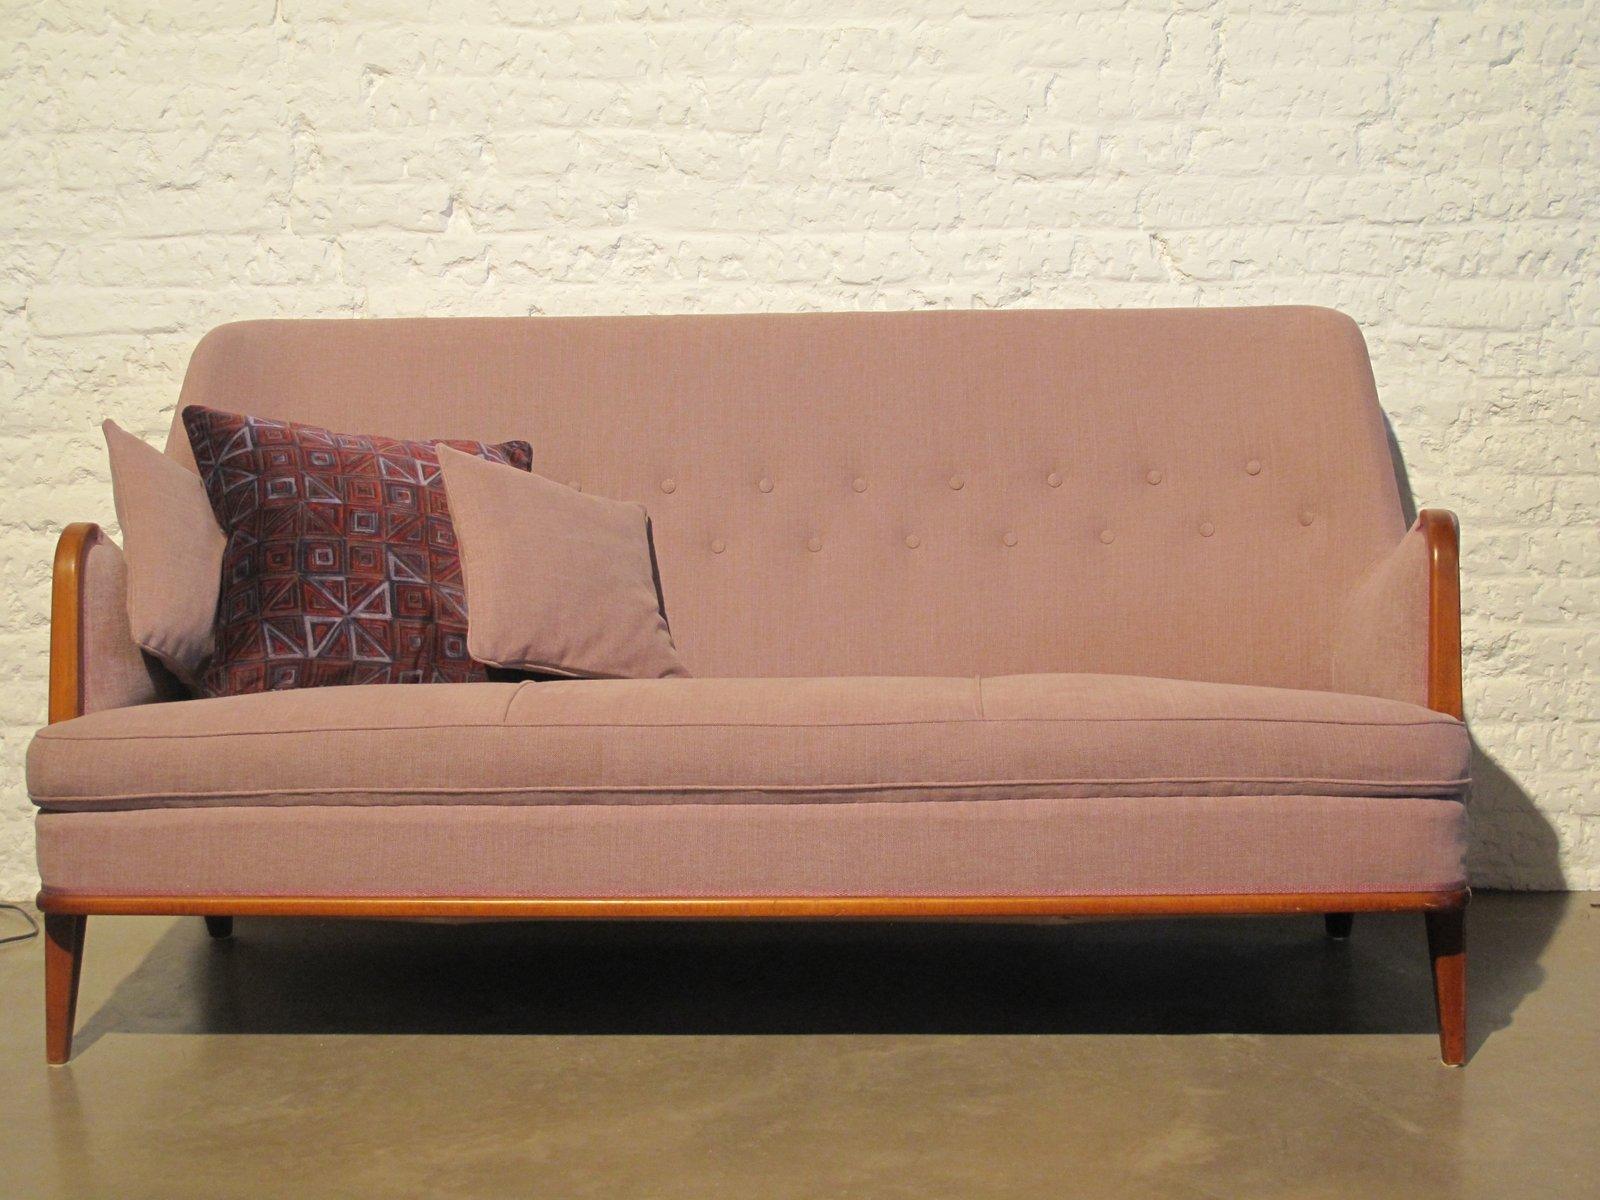 schwedisches sofa von carl malmsten 1950er bei pamono kaufen. Black Bedroom Furniture Sets. Home Design Ideas